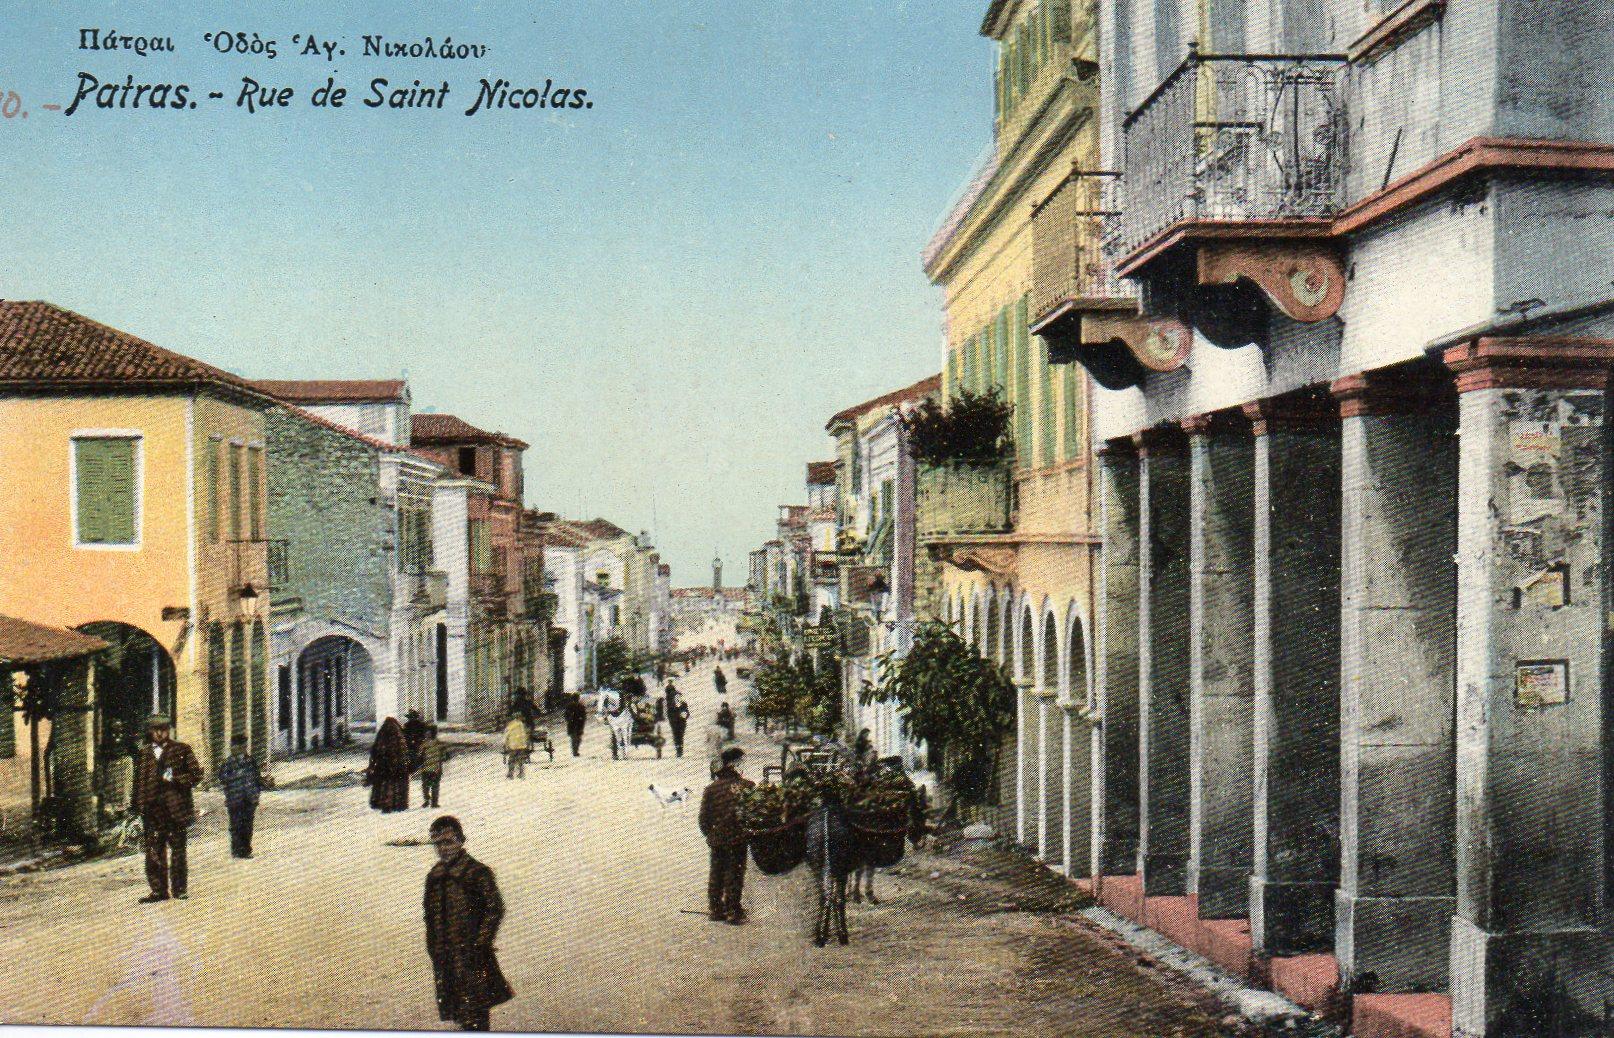 Patras, Rue de Saint Nicolas